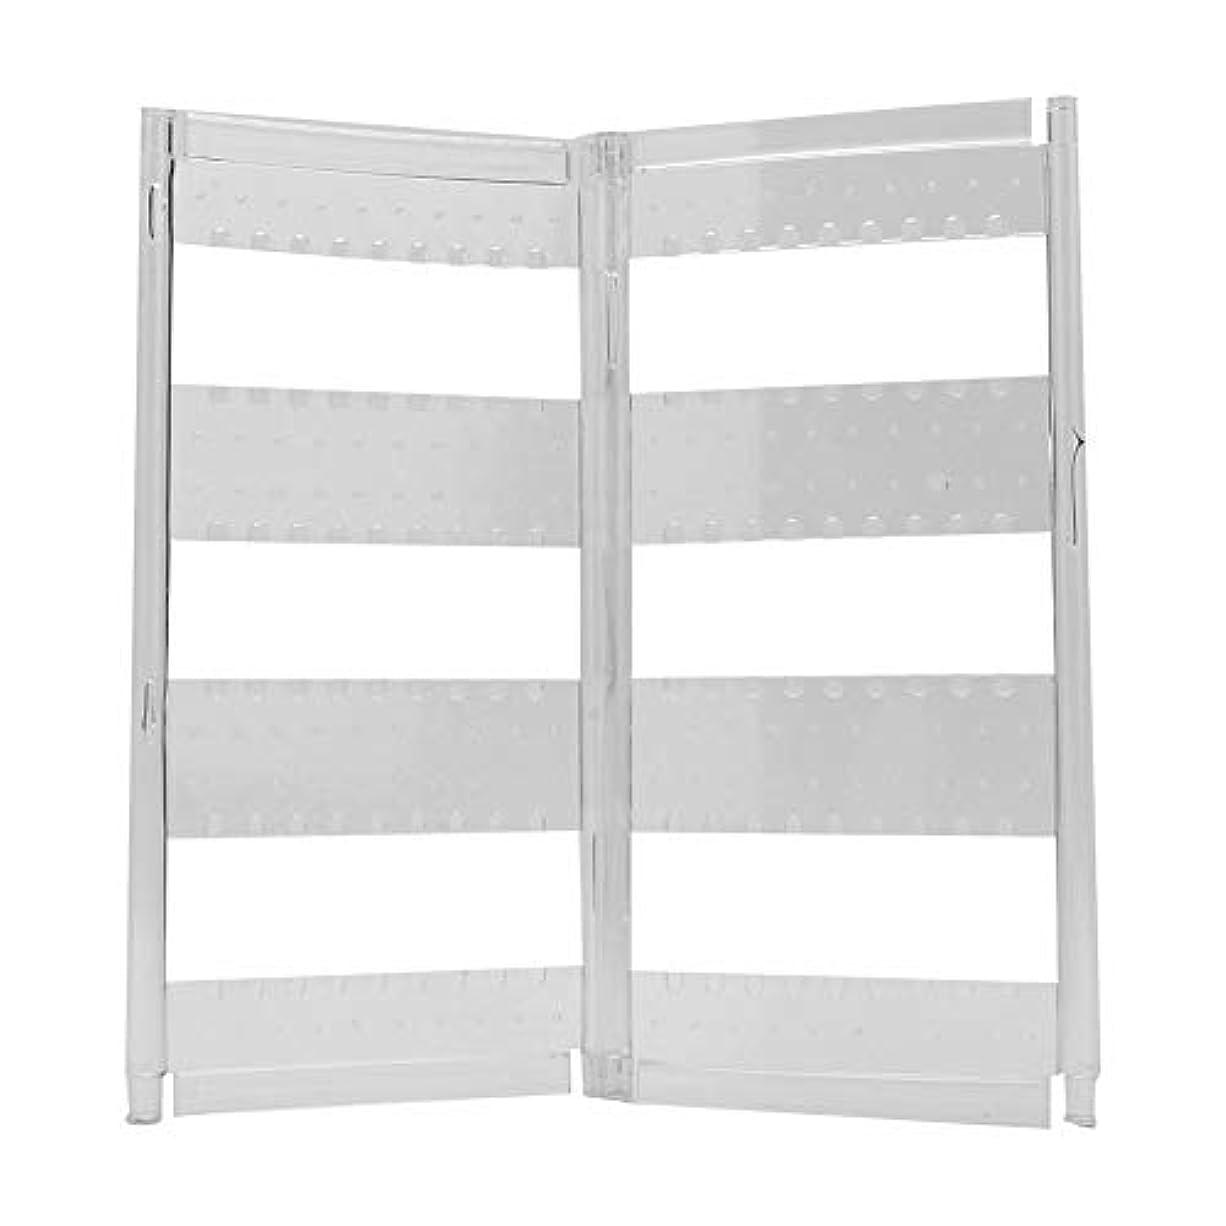 シマウマロッジ窓2種類のジュエリーボックスイヤリング - 折りたたみ式、ドアディスプレイスタンドジュエリー収納ボックス - イヤリング用ネックレスブレスレット(2つのパネル)